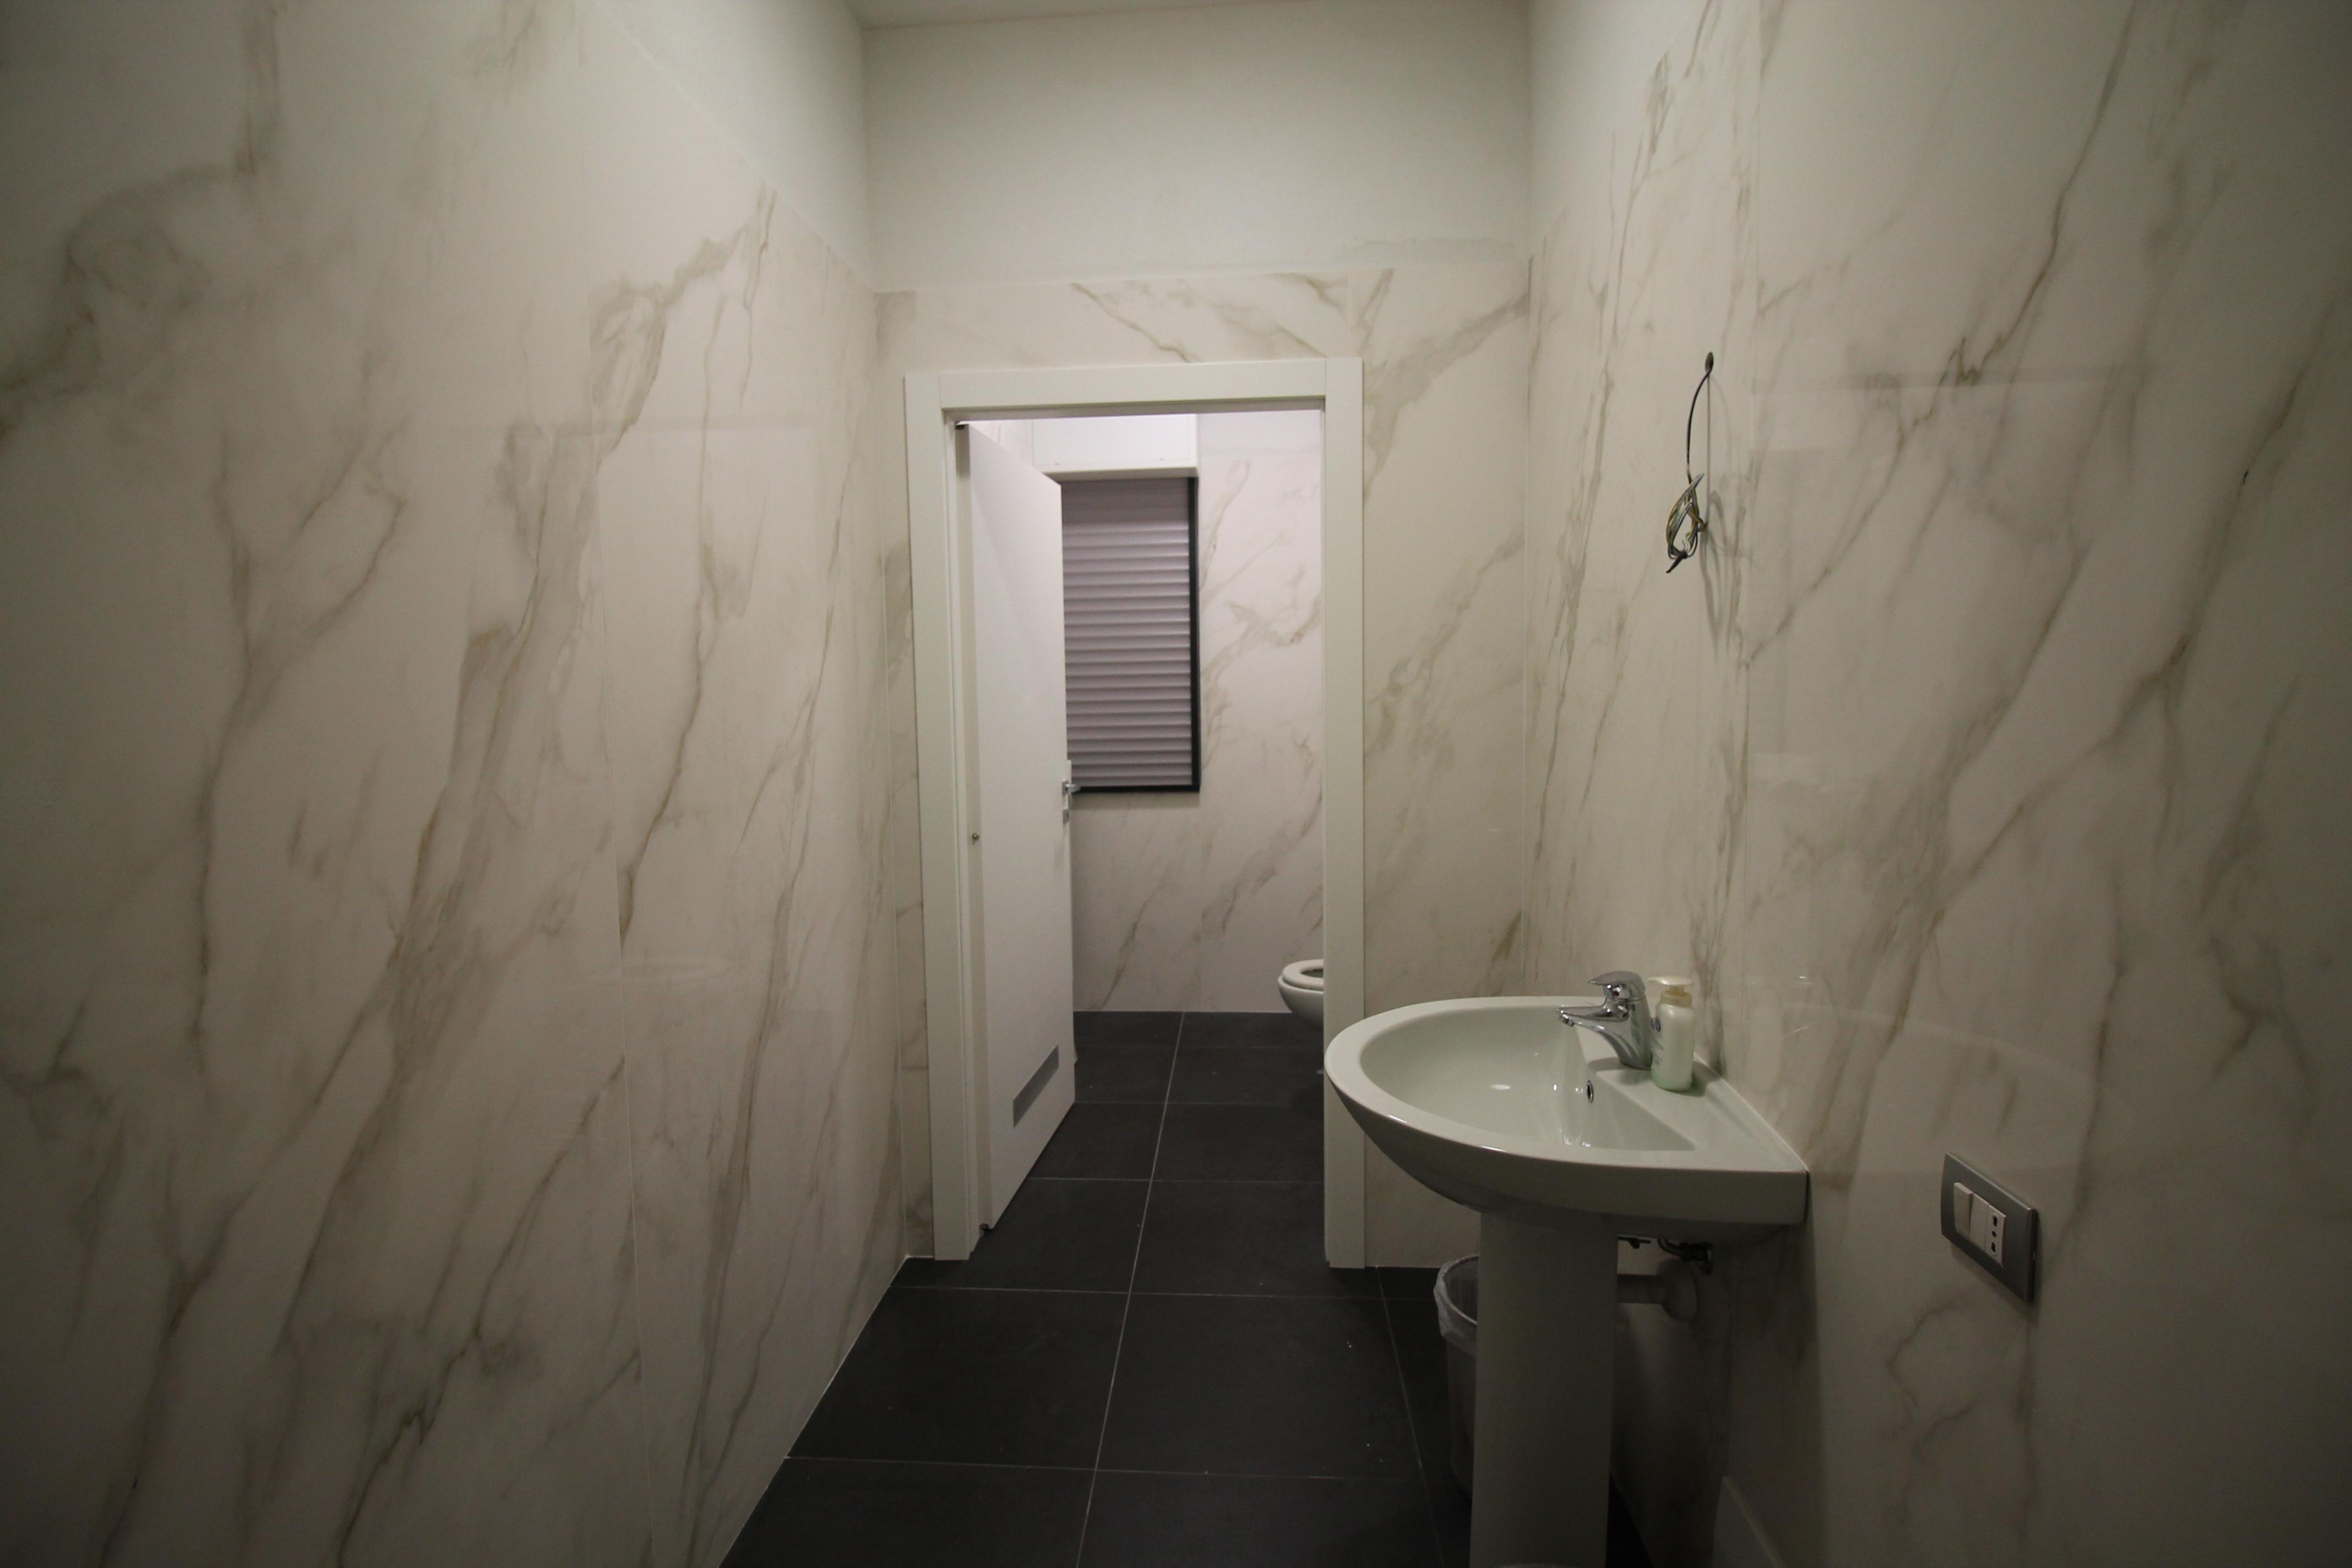 Bagno Paripas S R L Idee E Soluzioni Per La Tua Casa